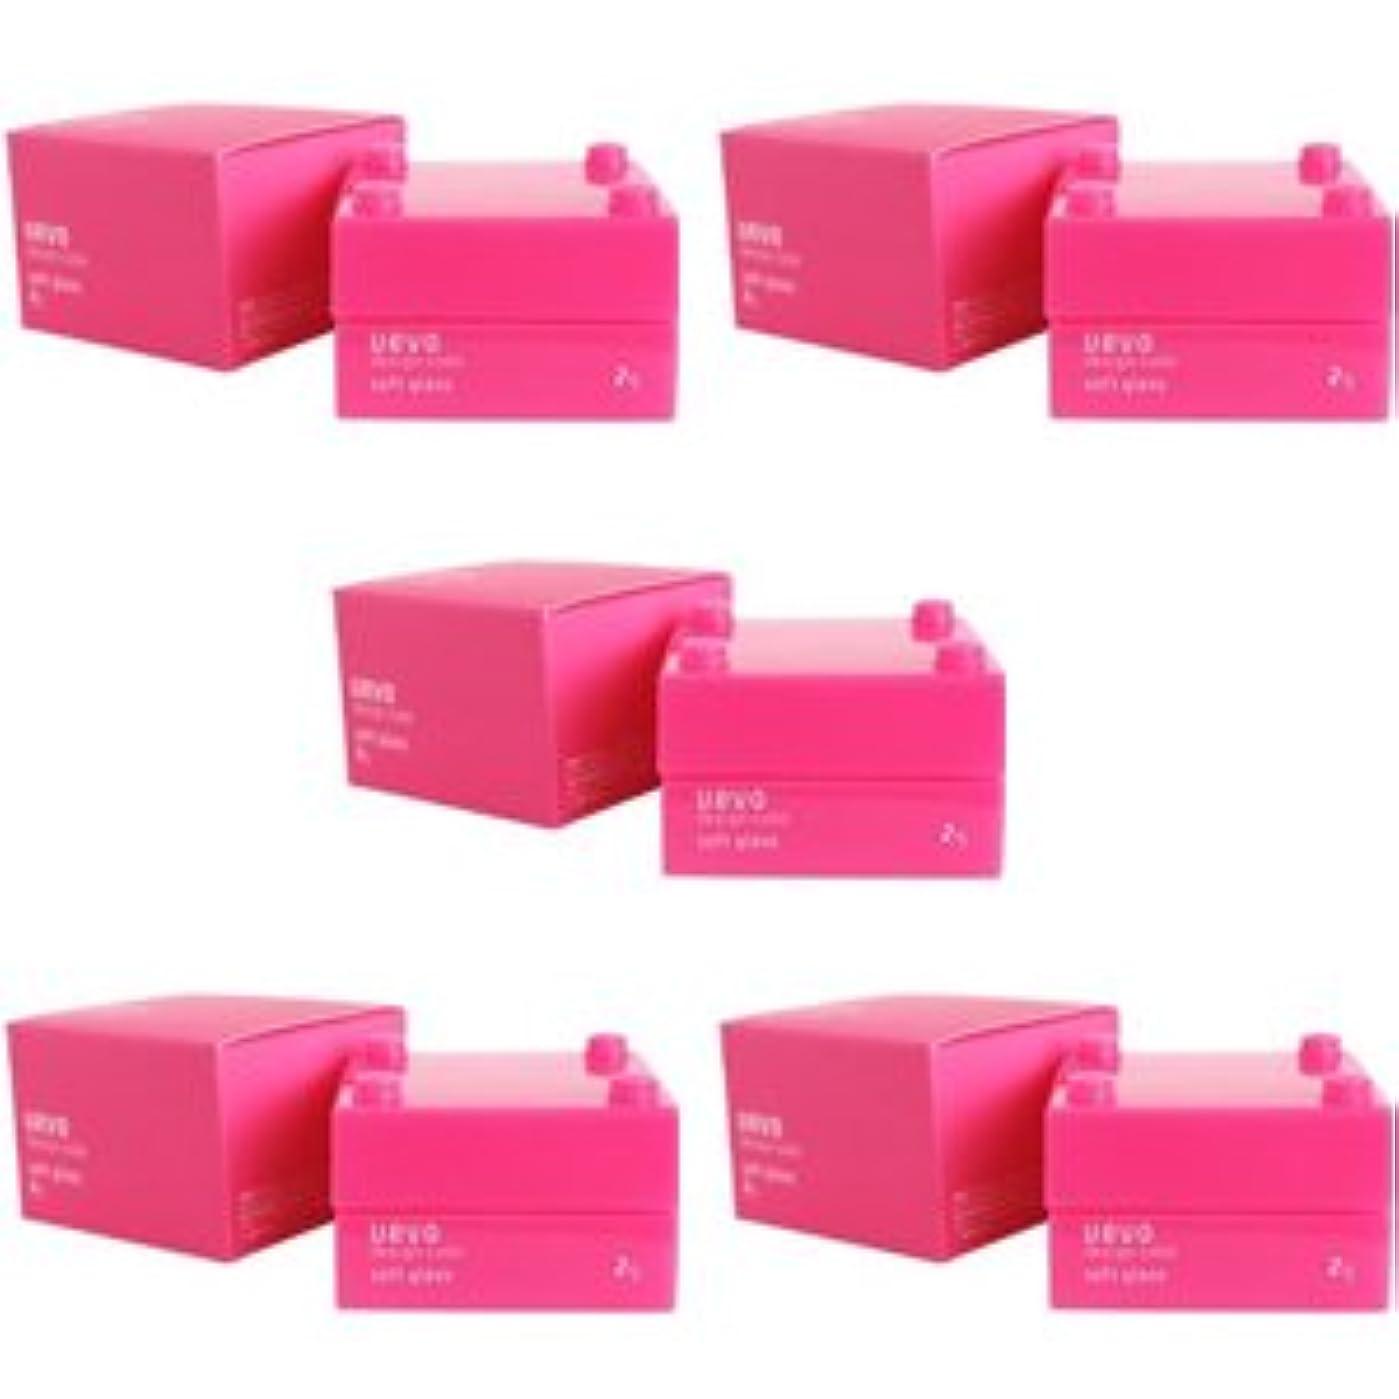 果てしないパパ洗練【X5個セット】 デミ ウェーボ デザインキューブ ソフトグロス 30g soft gloss DEMI uevo design cube